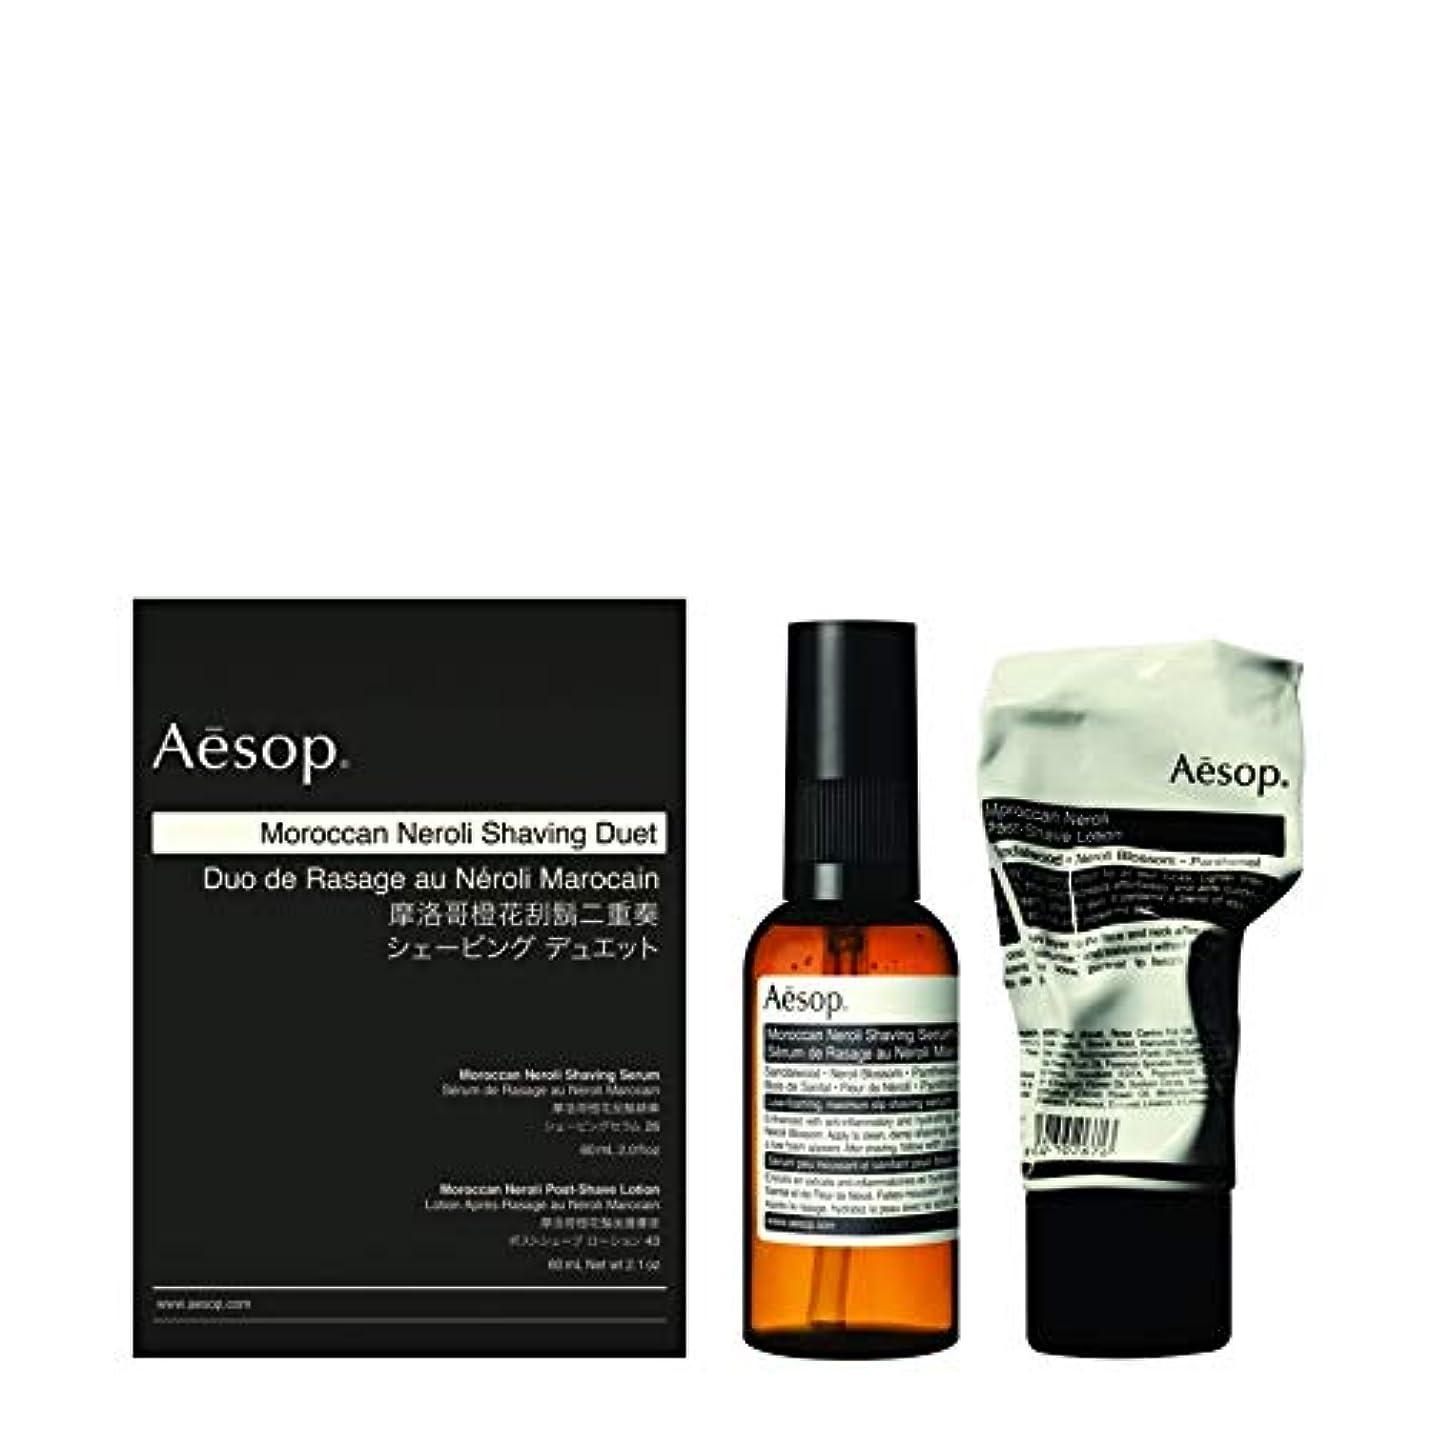 困難矢印補正[Aesop] イソップモロッコネロリシェービングデュエット - Aesop Moroccan Neroli Shaving Duet [並行輸入品]